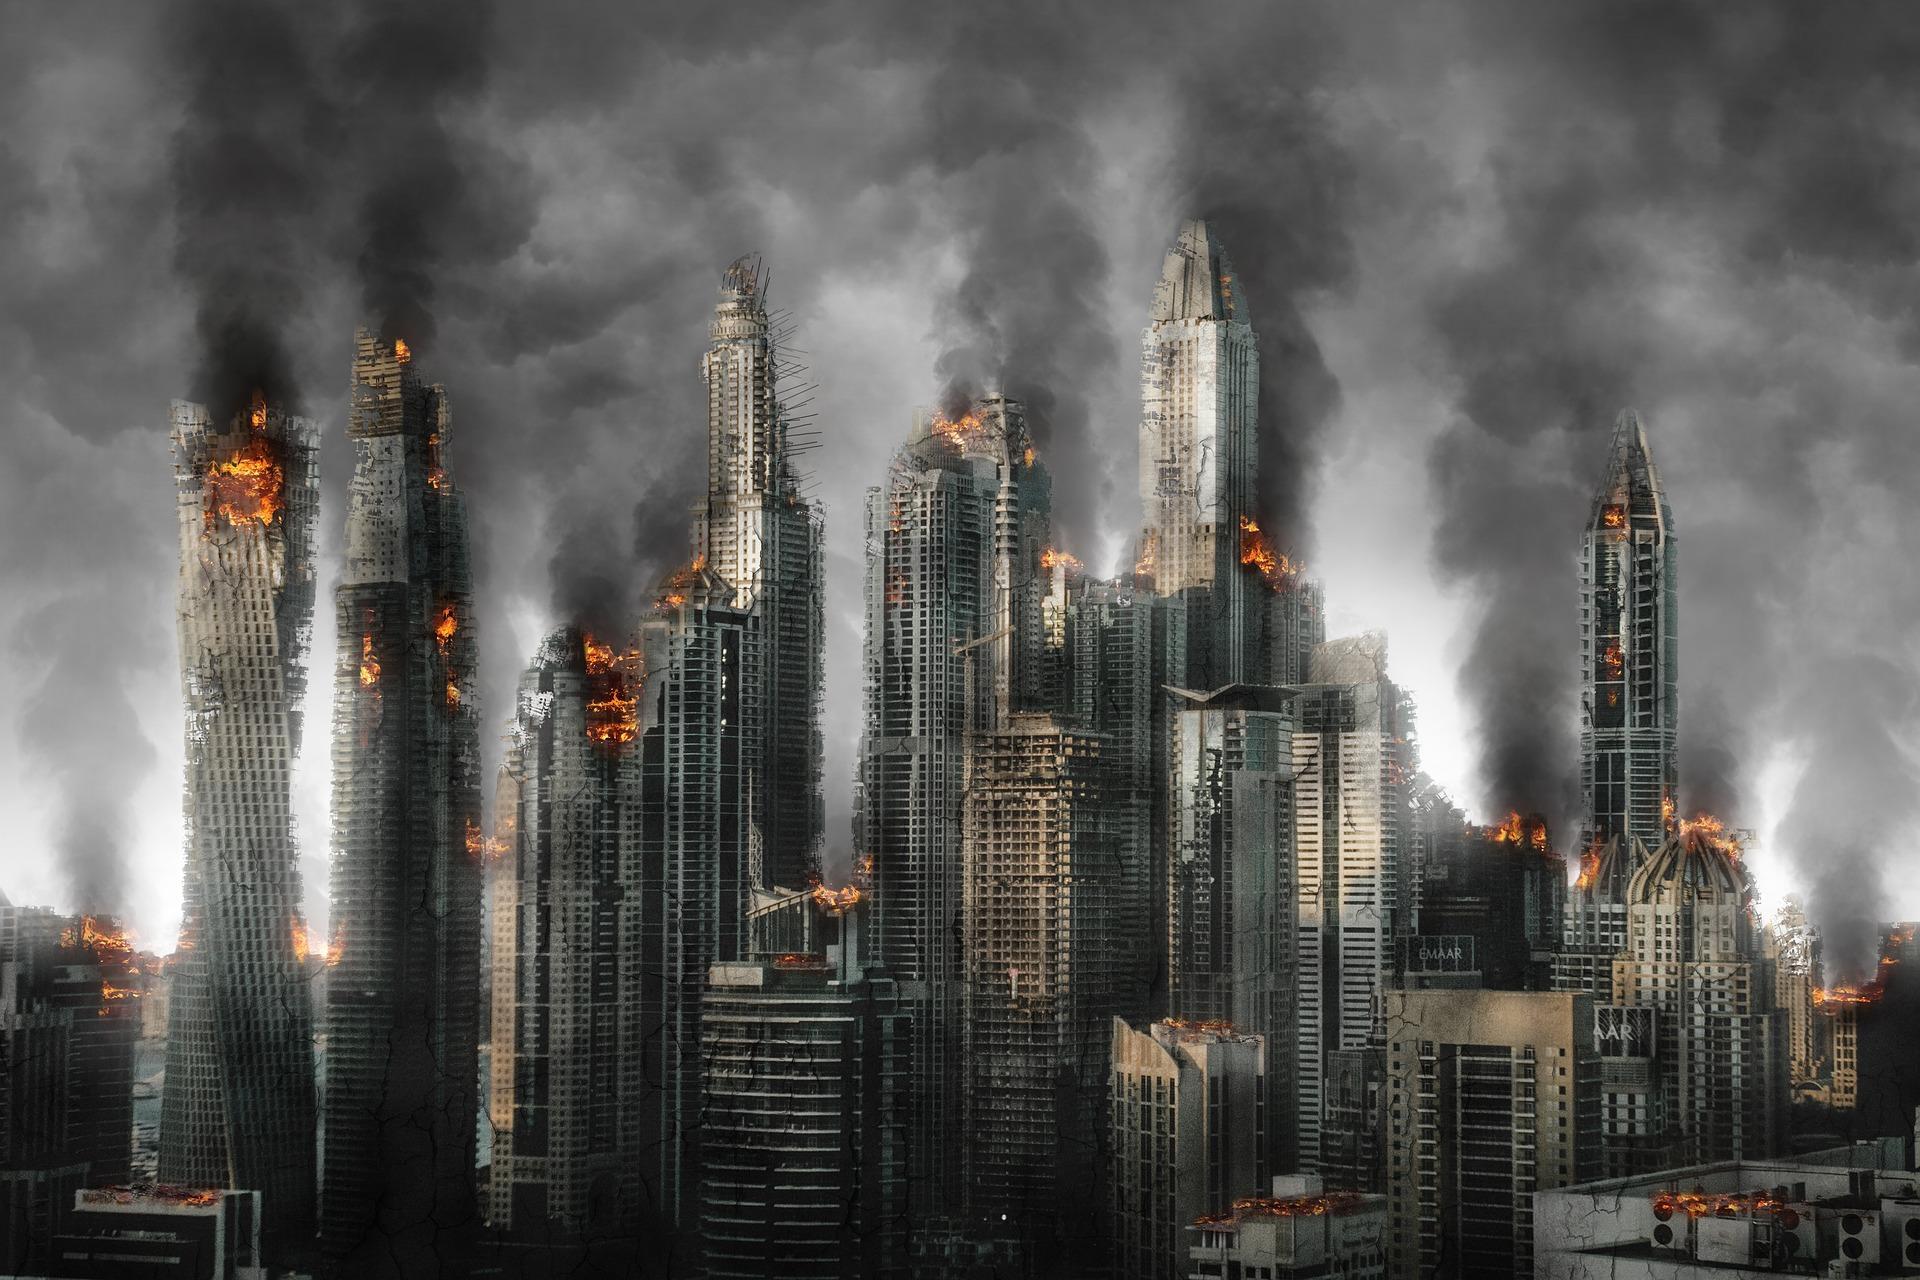 armageddon 2721568 1920 - Apokalypsa, zvěstování data apokalypsy, datum konce světa 2012